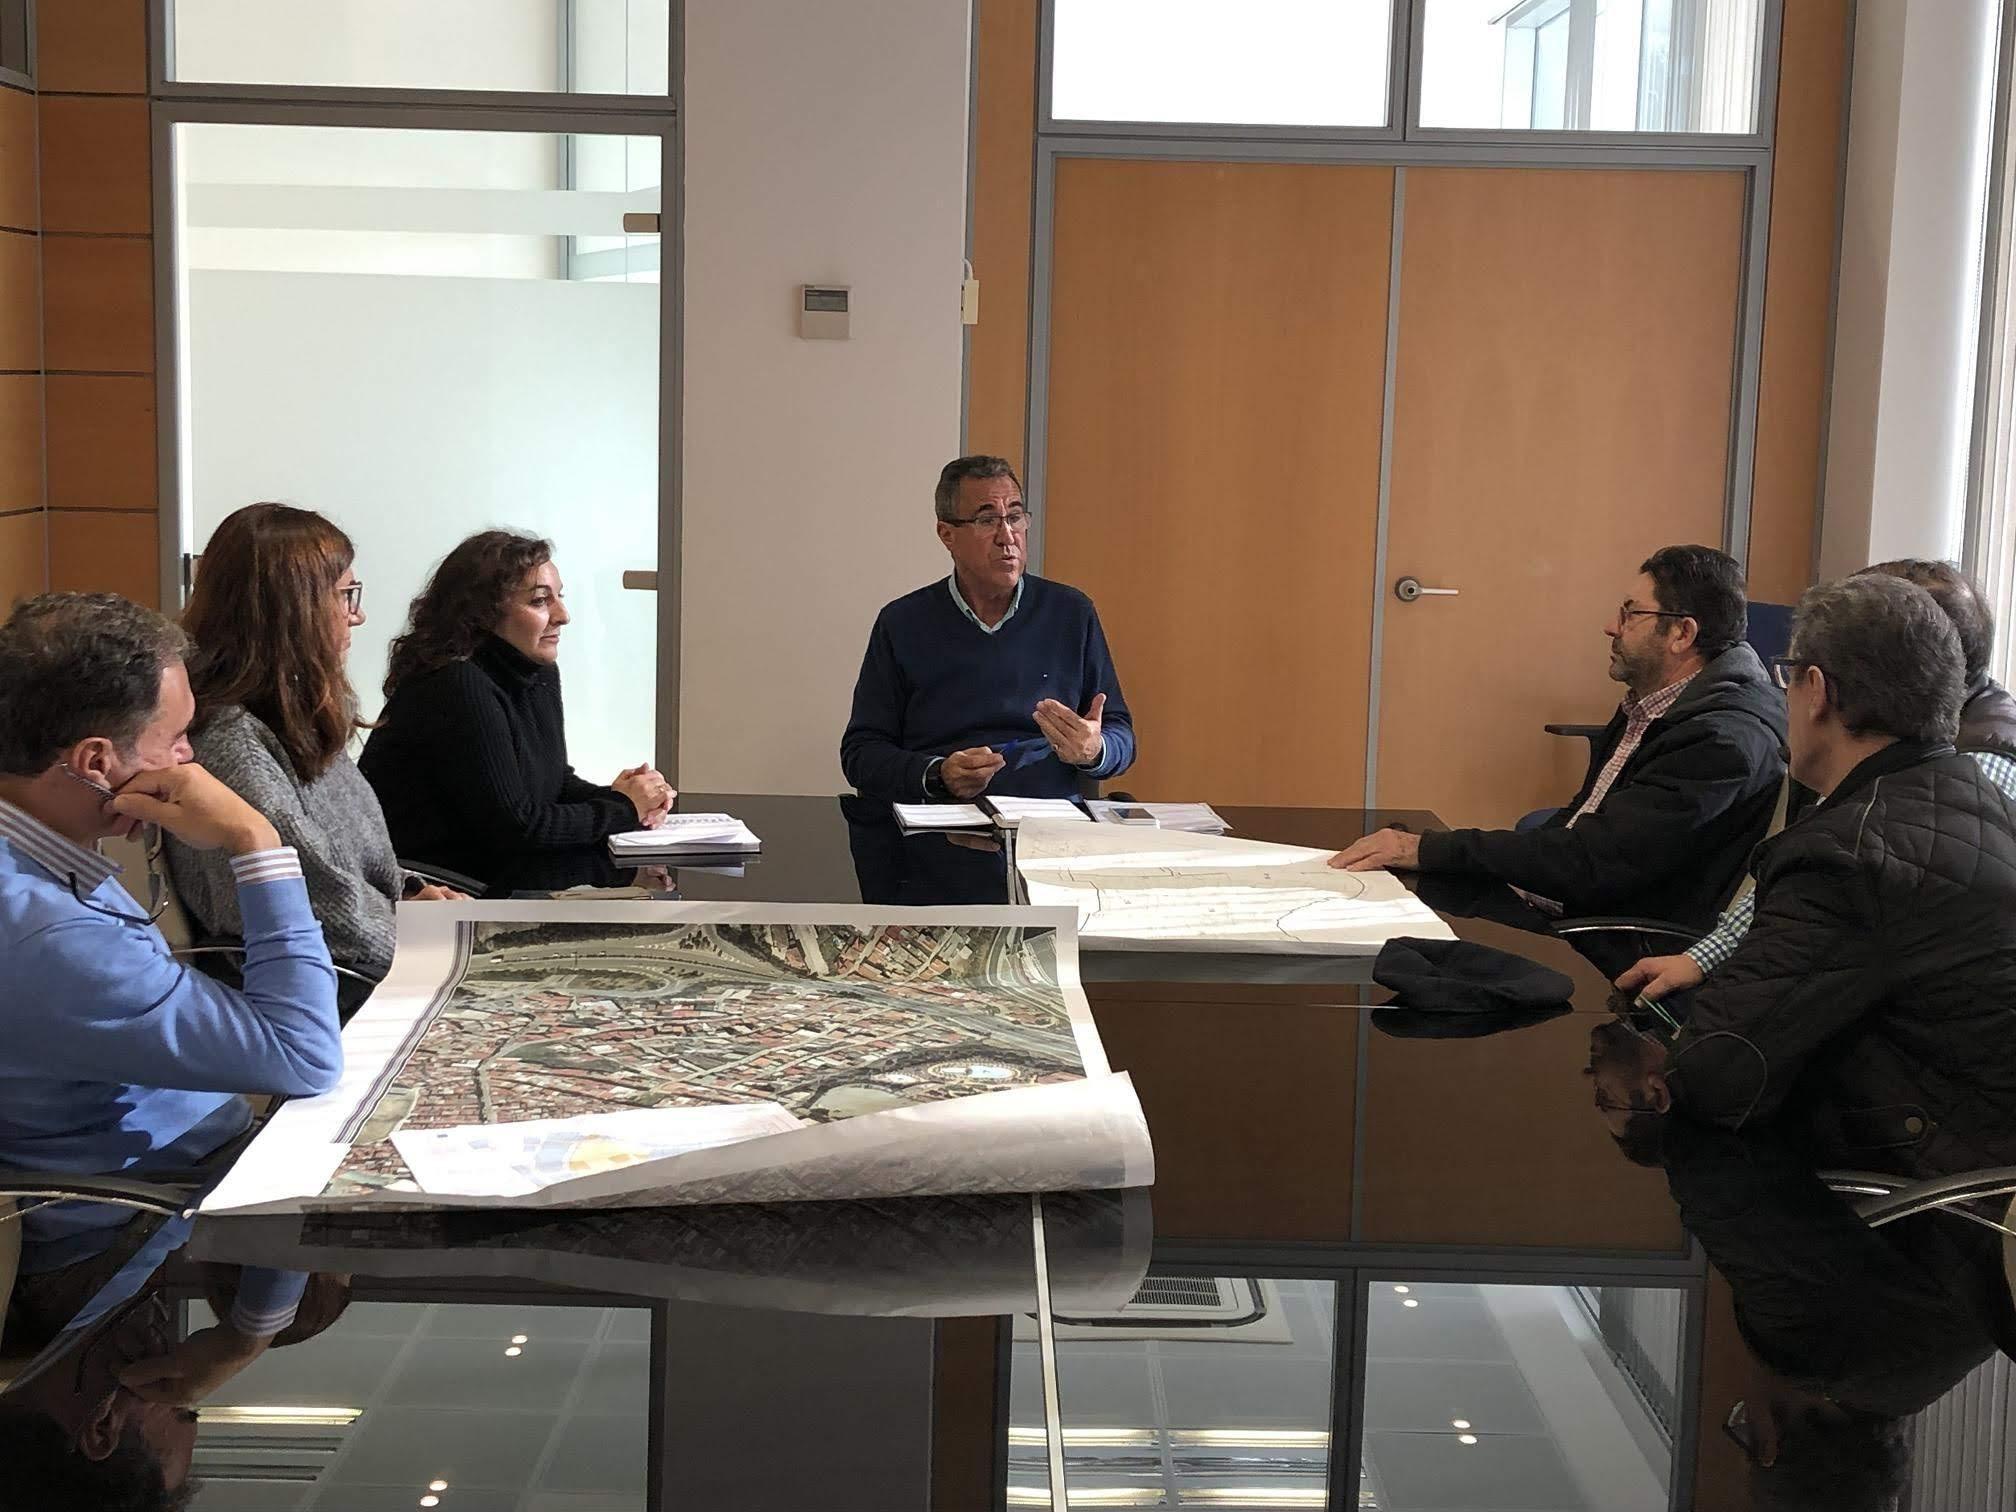 El Ayuntamiento informa a los vecinos de La Capelina sobre el estado del proceso para la legalización de sus viviendas